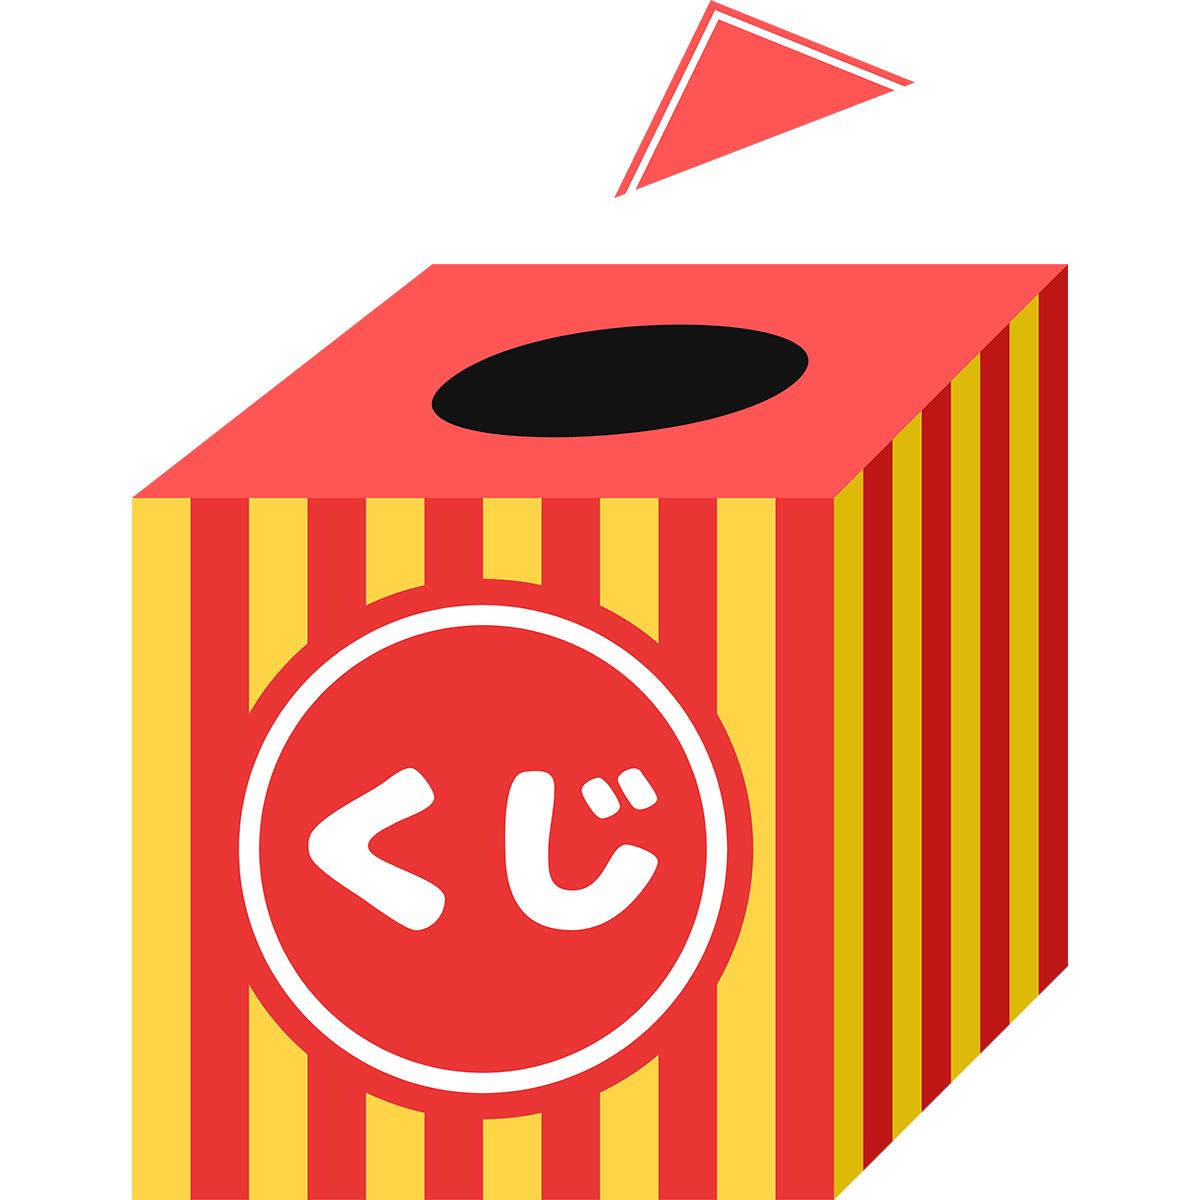 くじの無料イラスト